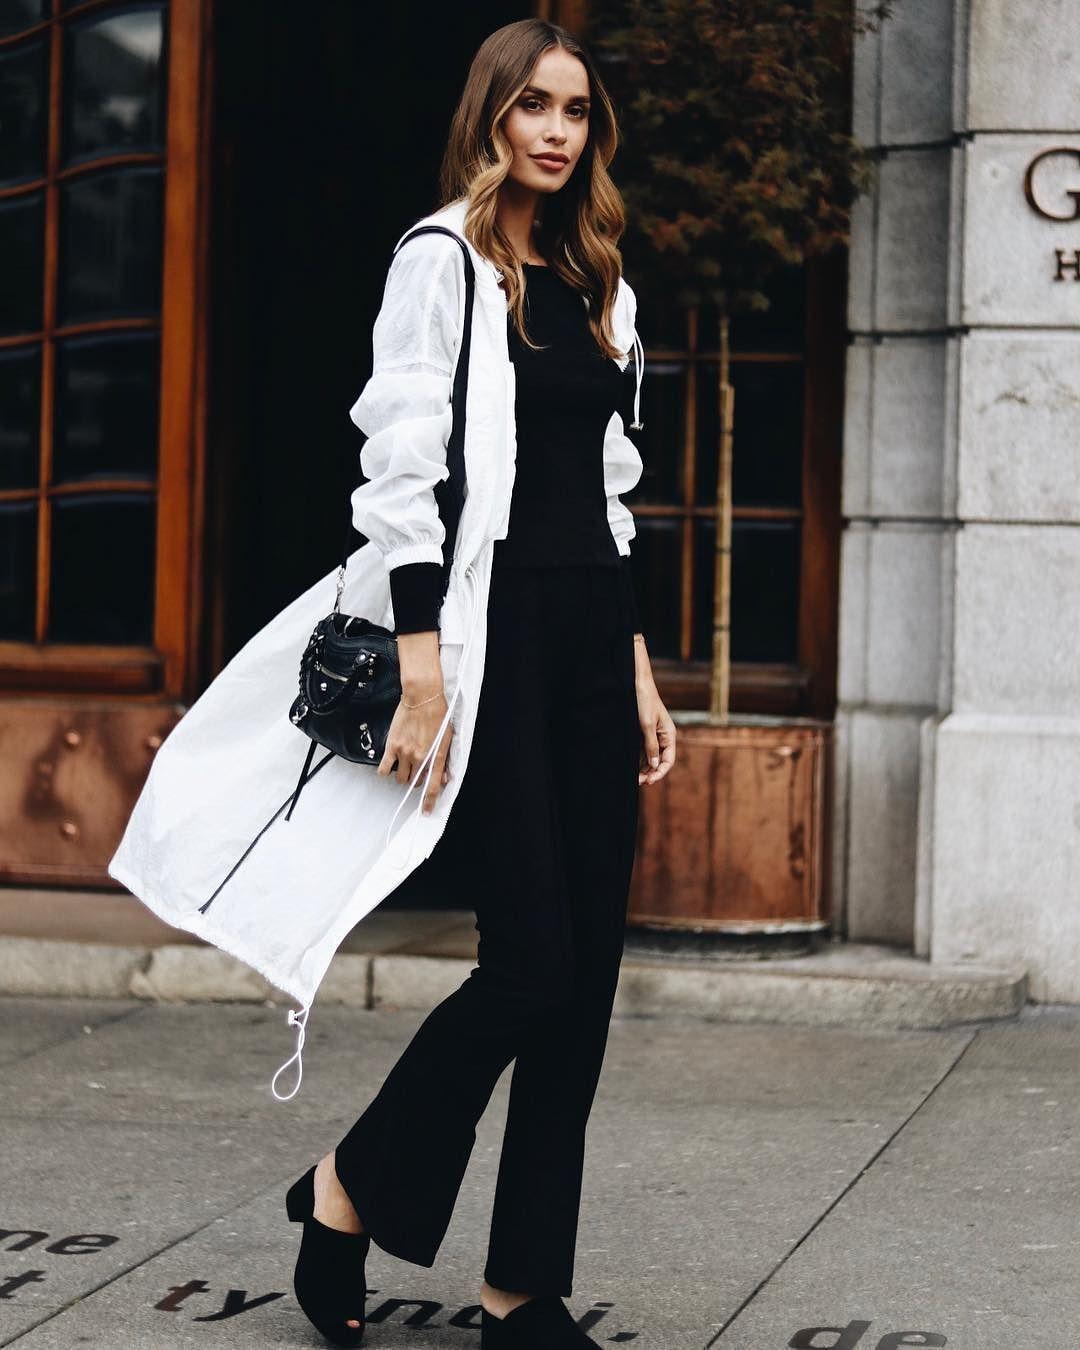 image16-58   8 стильных образов с черными брюками: модные тенденции весны 2018